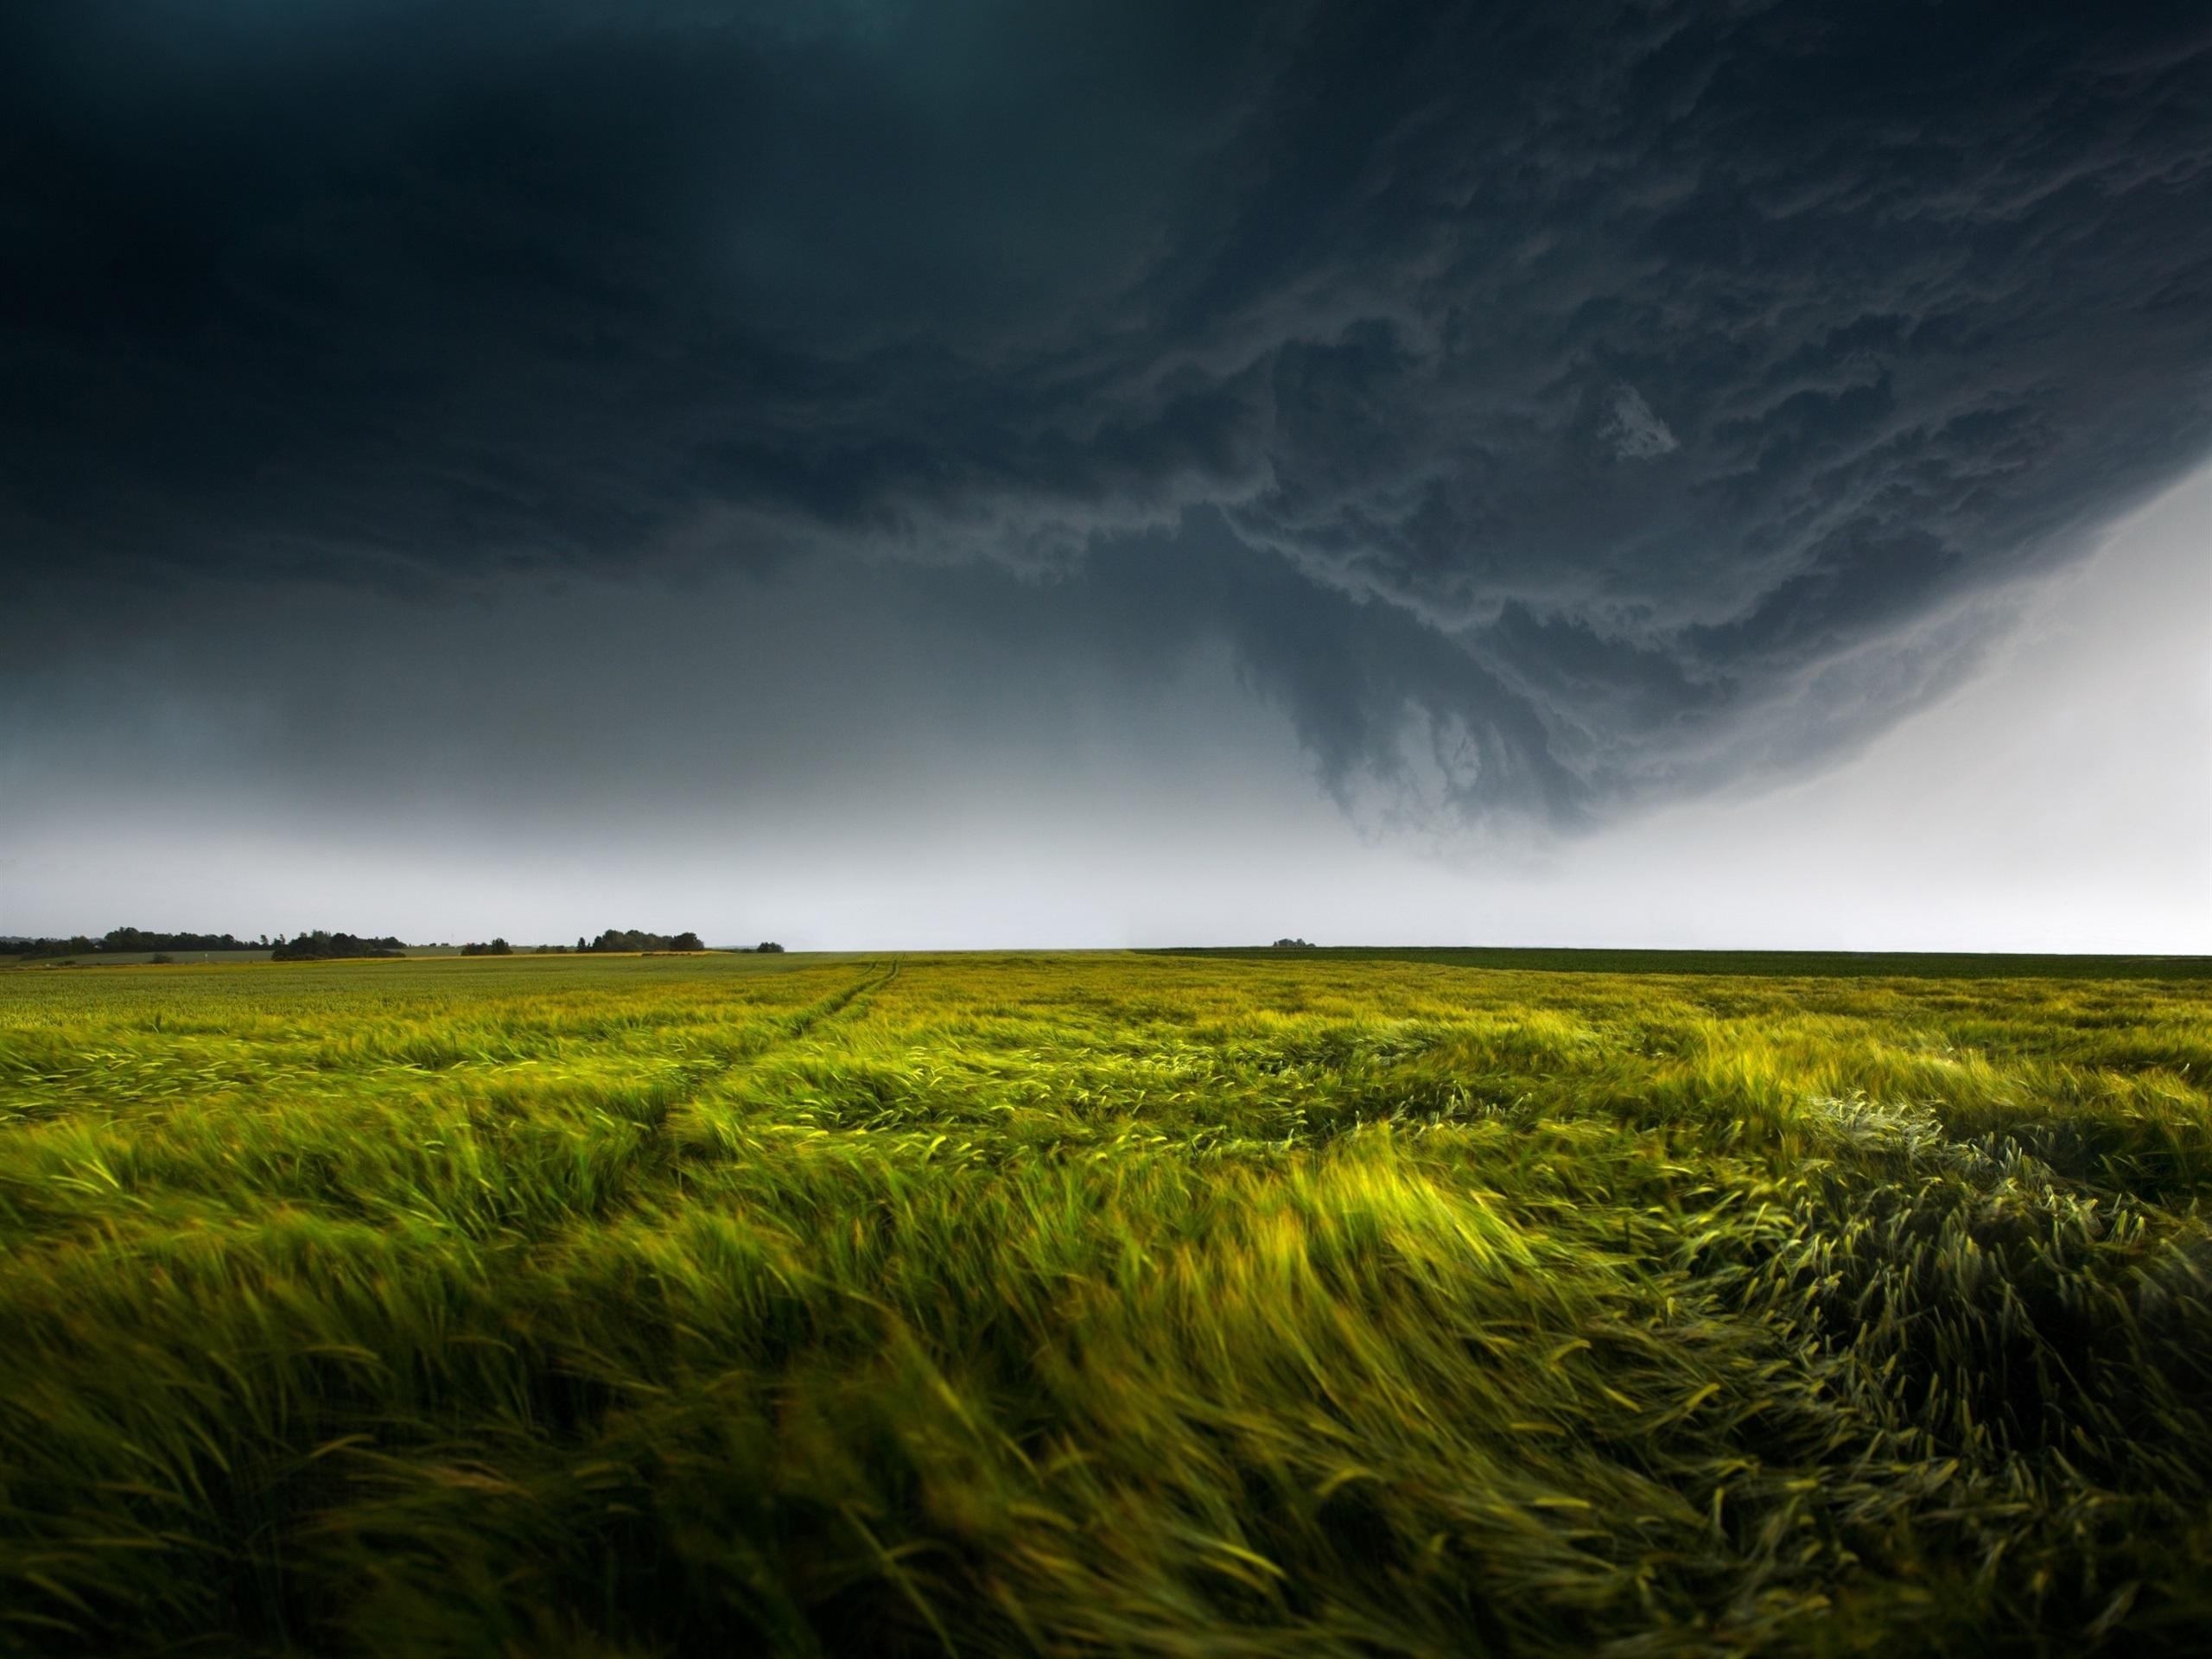 壁紙 自然 緑の畑 嵐 暗い雲 稲妻 2560x1920 Hd 無料の